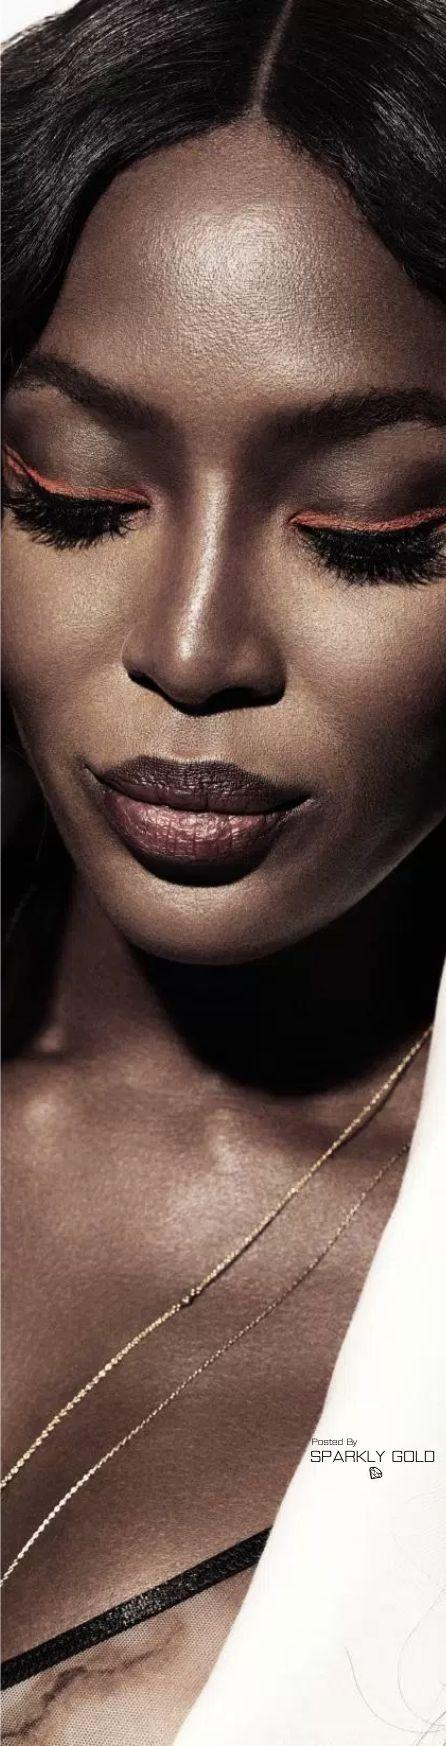 Naomi Campbell/ES Magazine May 17